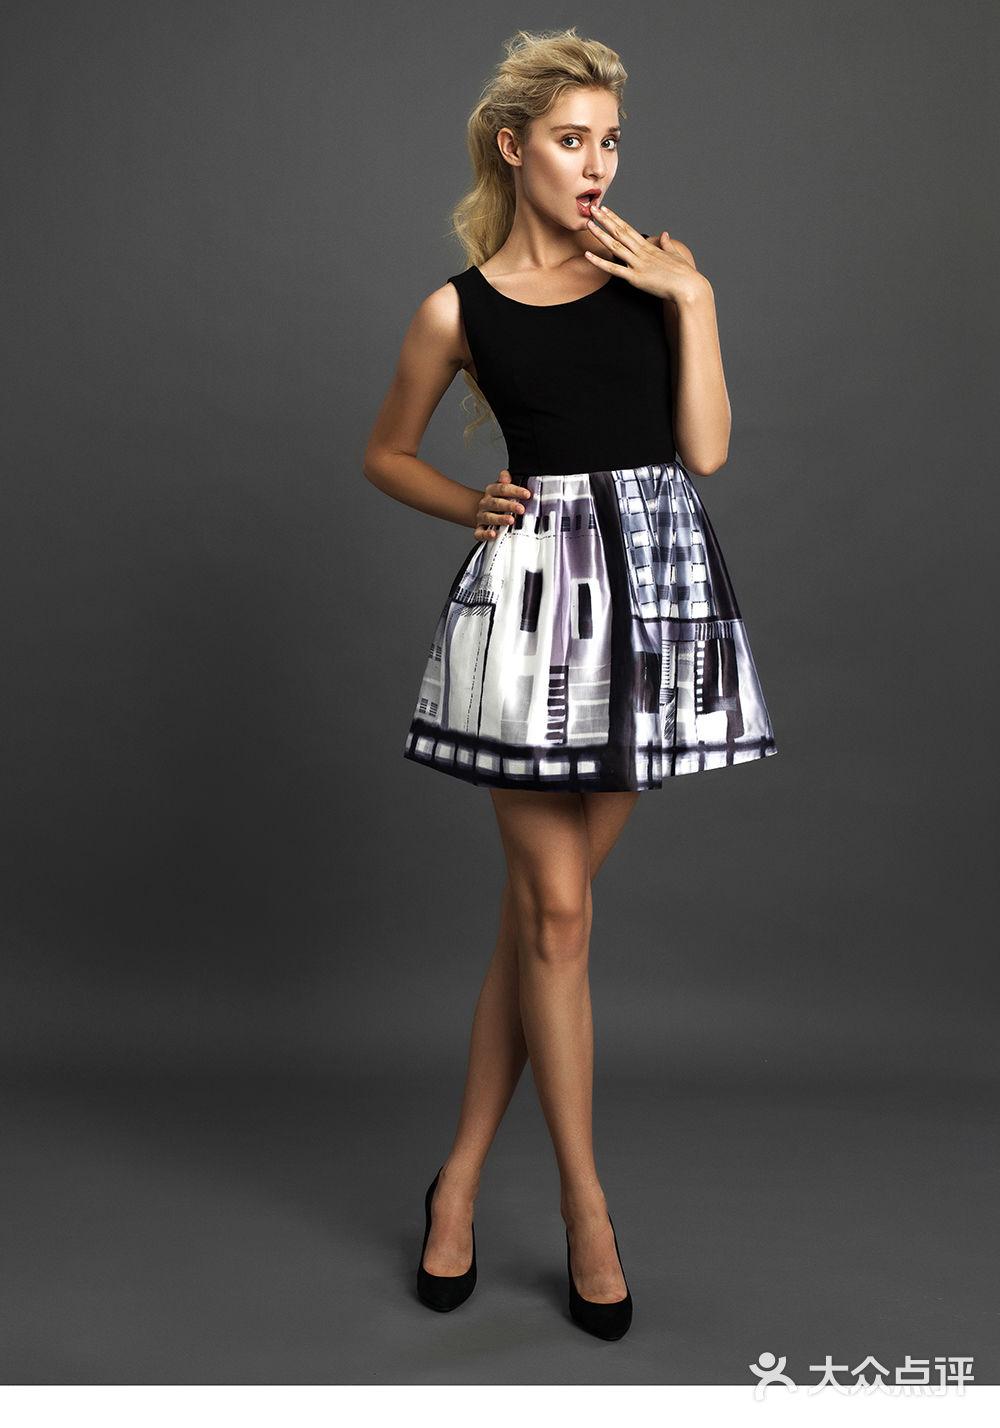 点带鱼尾裙配针织罩衫图片